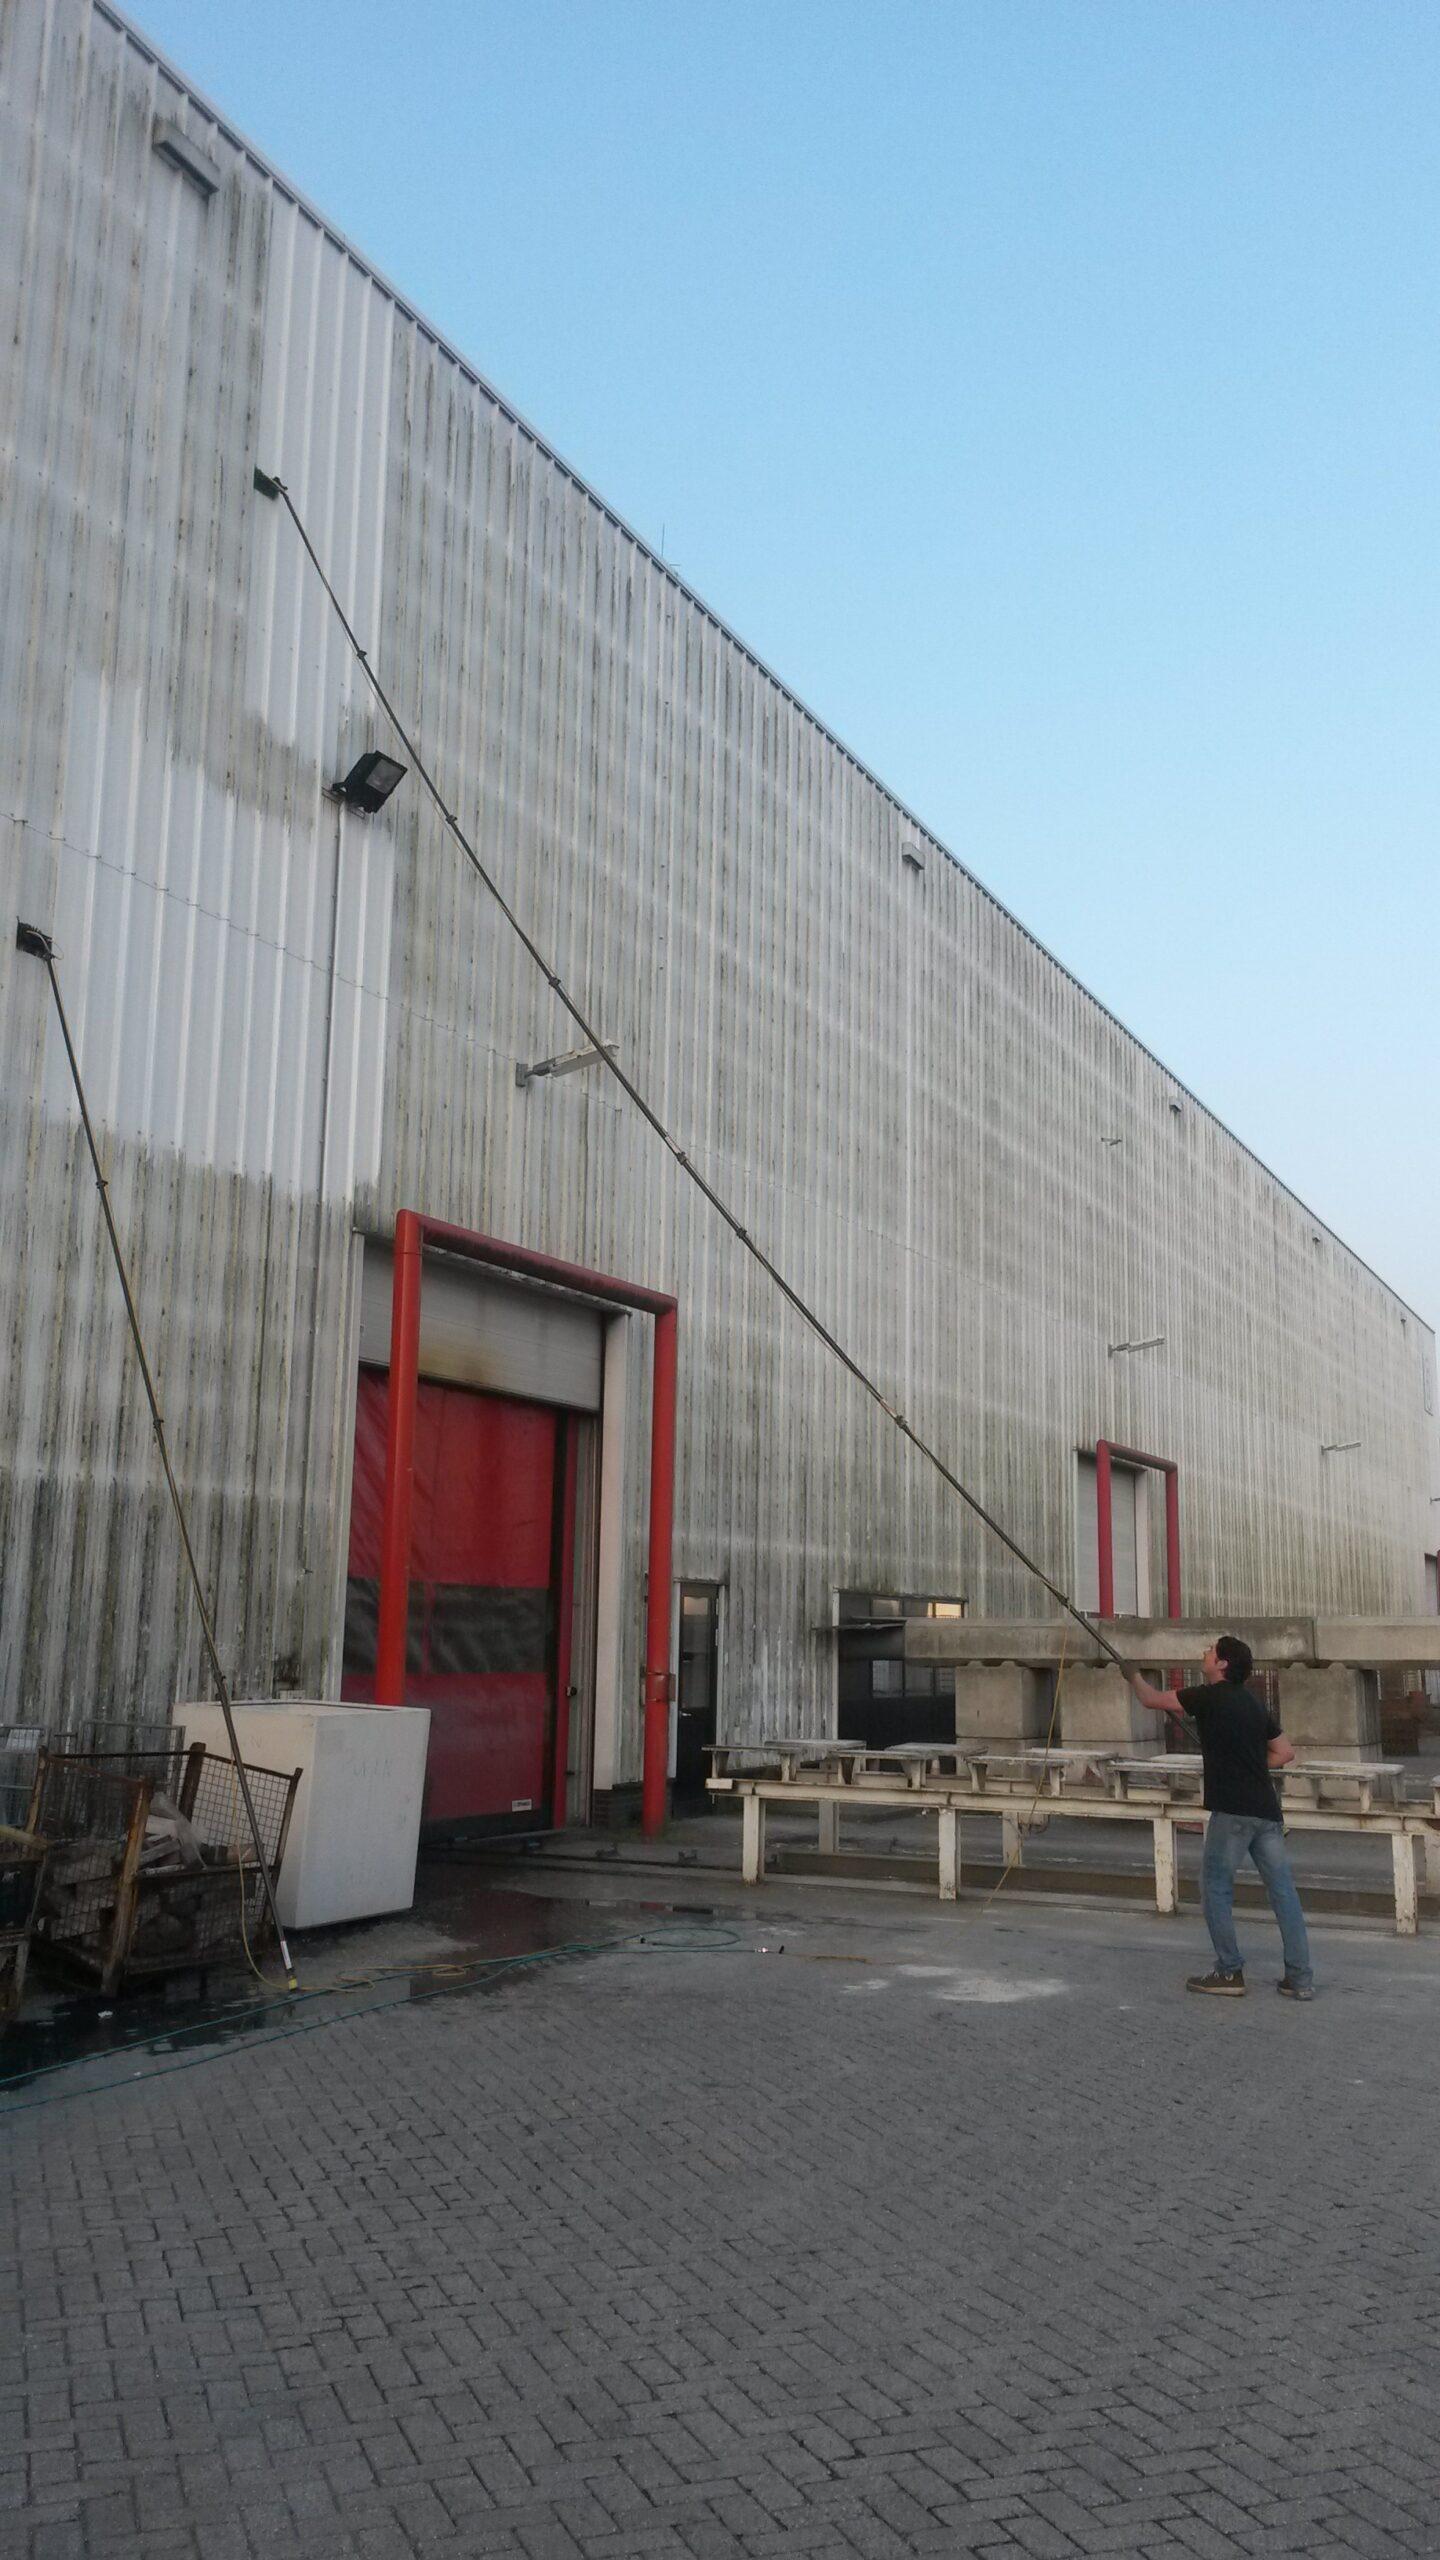 Gevelreiniging Damwand reinigen gevelreinigingssysteem borstelmachine die gemonteerd aan een geschikte hoogwerker de gevels en ramen reinigt.